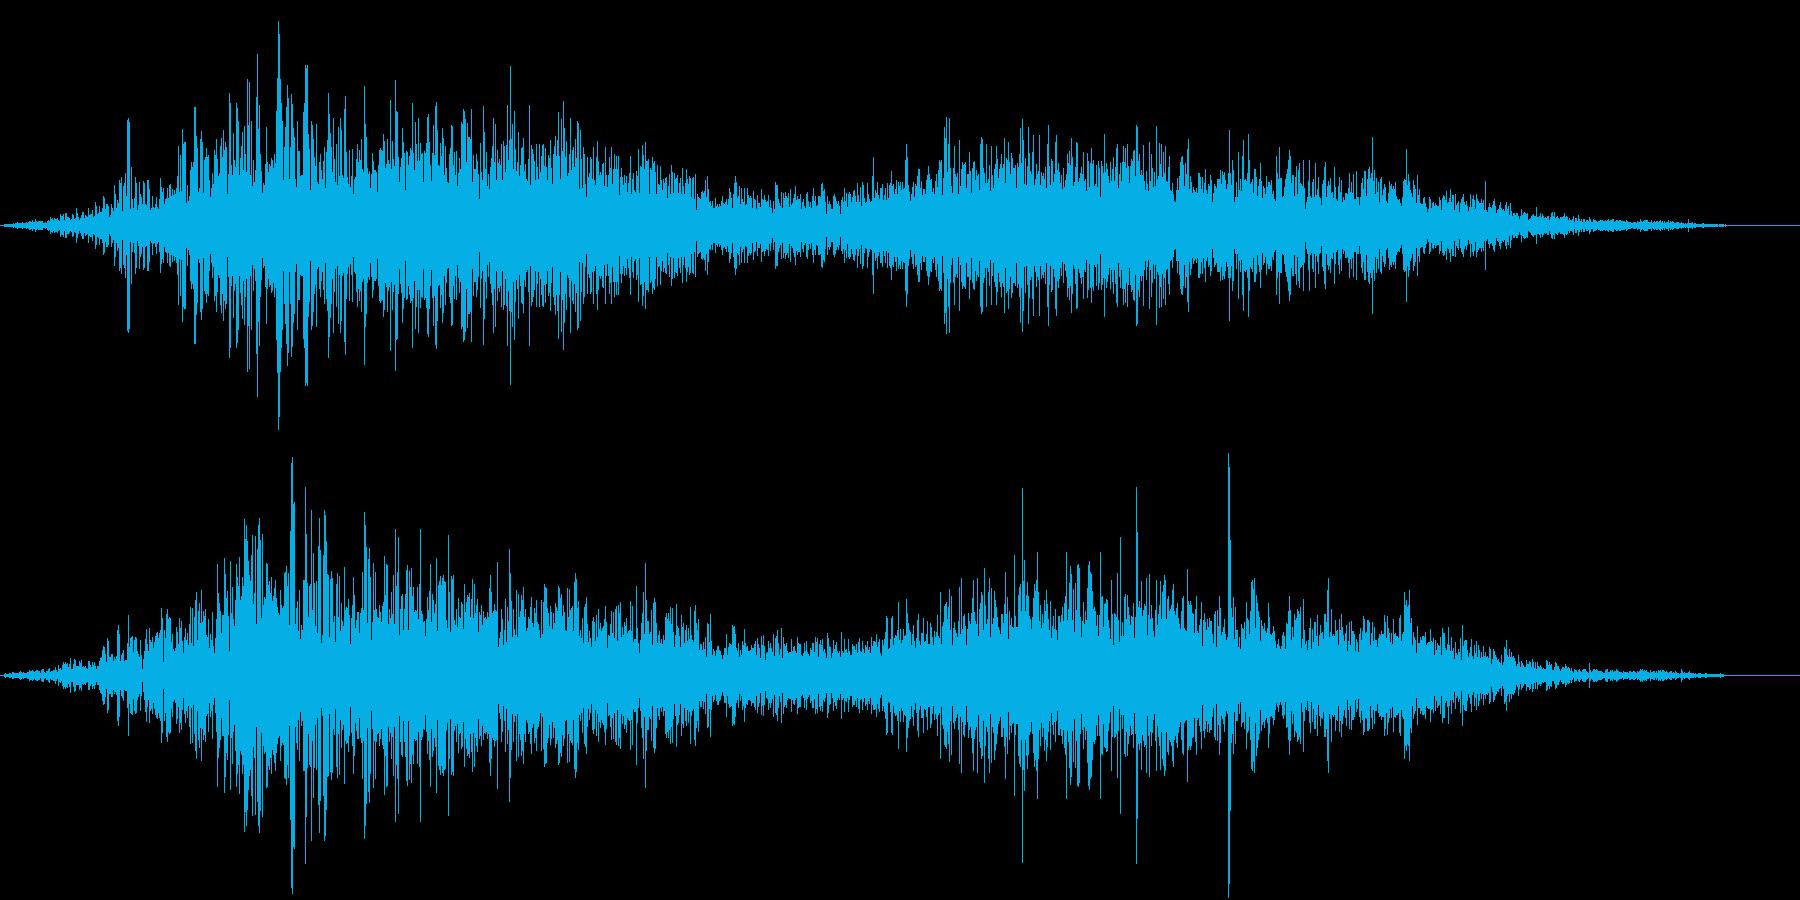 【生録音】布団を引きずる音 の再生済みの波形